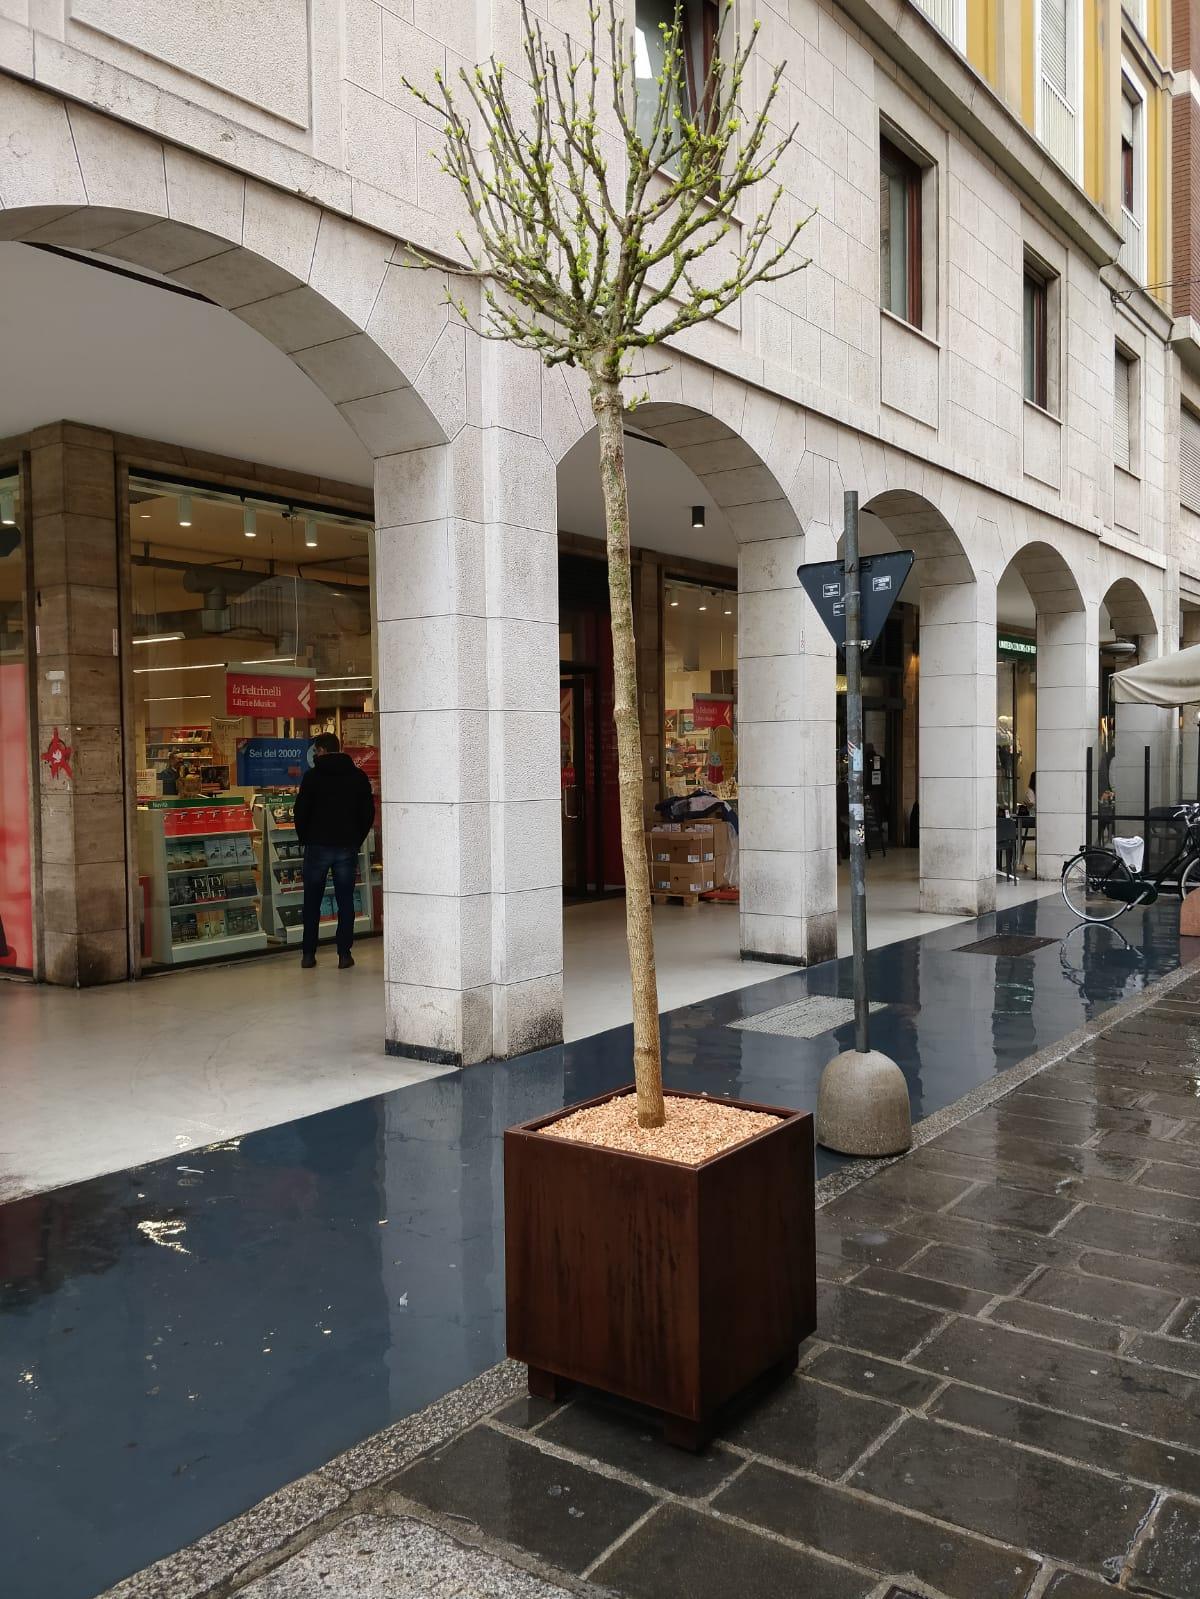 Fioriere e nuovo arredo urbano il centro storico si rif for Fioriere arredo urbano